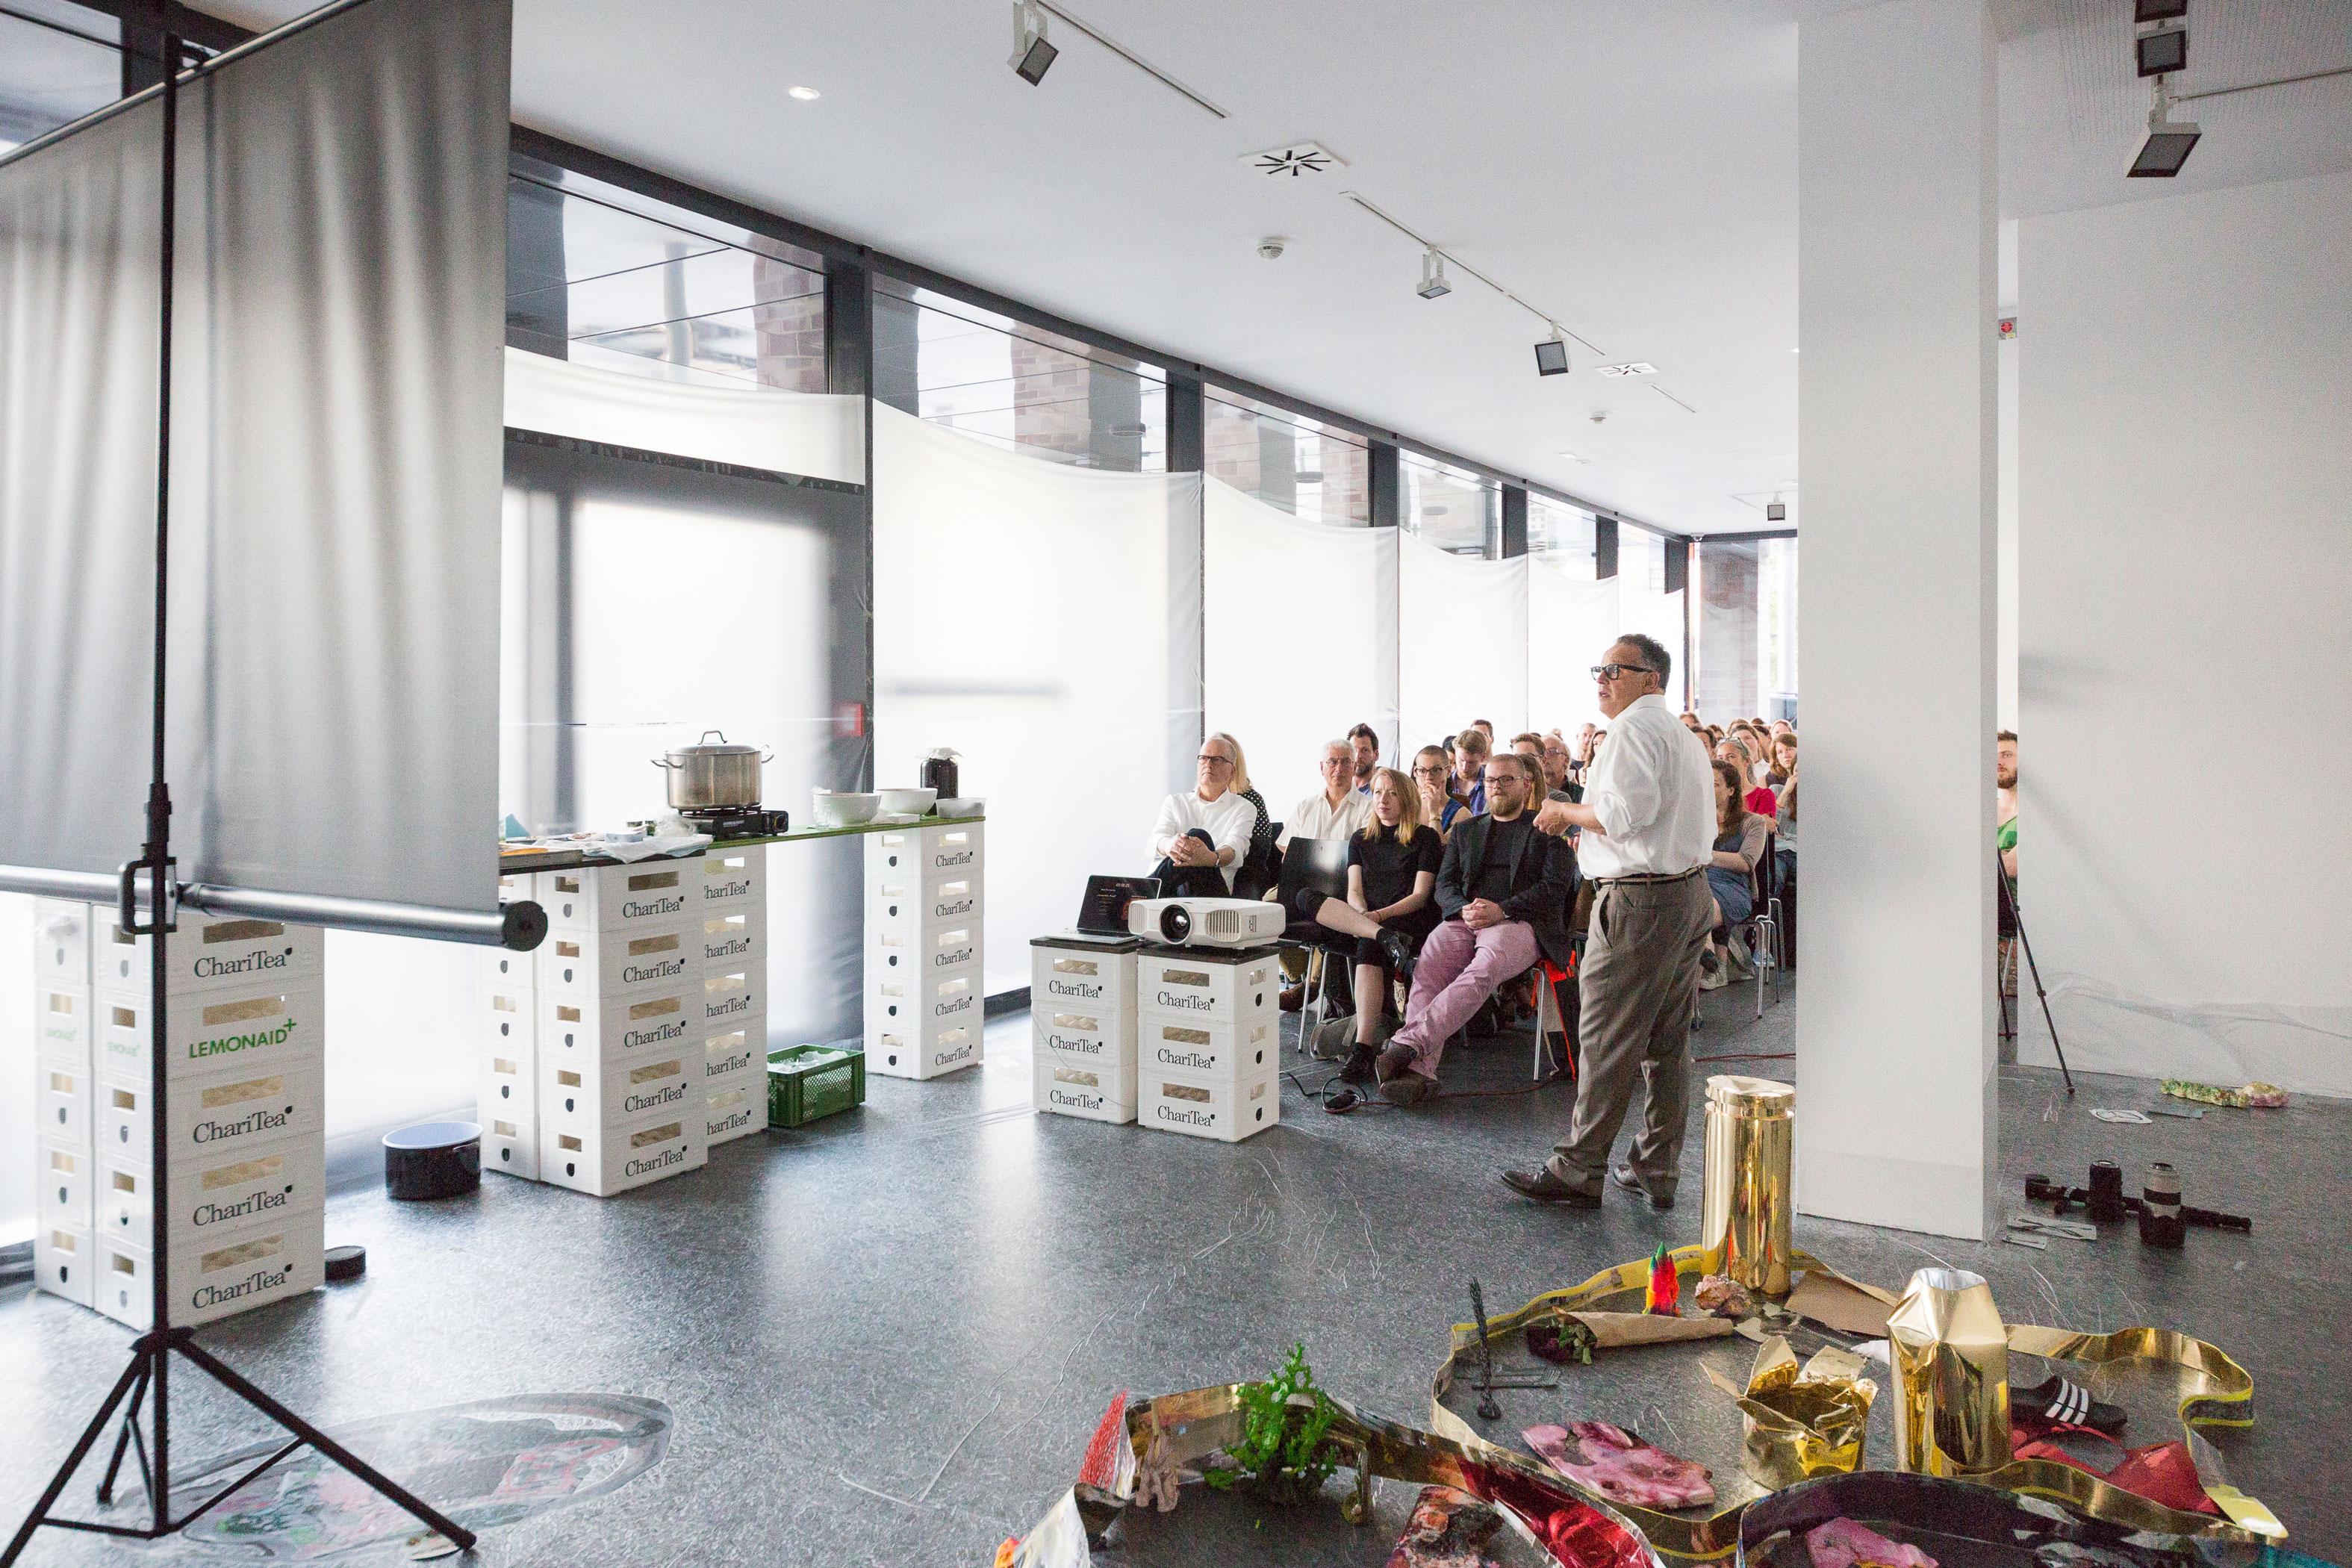 Küche Aktuell Dortmund ziemlich küchen aktuell dortmund fotos schlafzimmer ideen